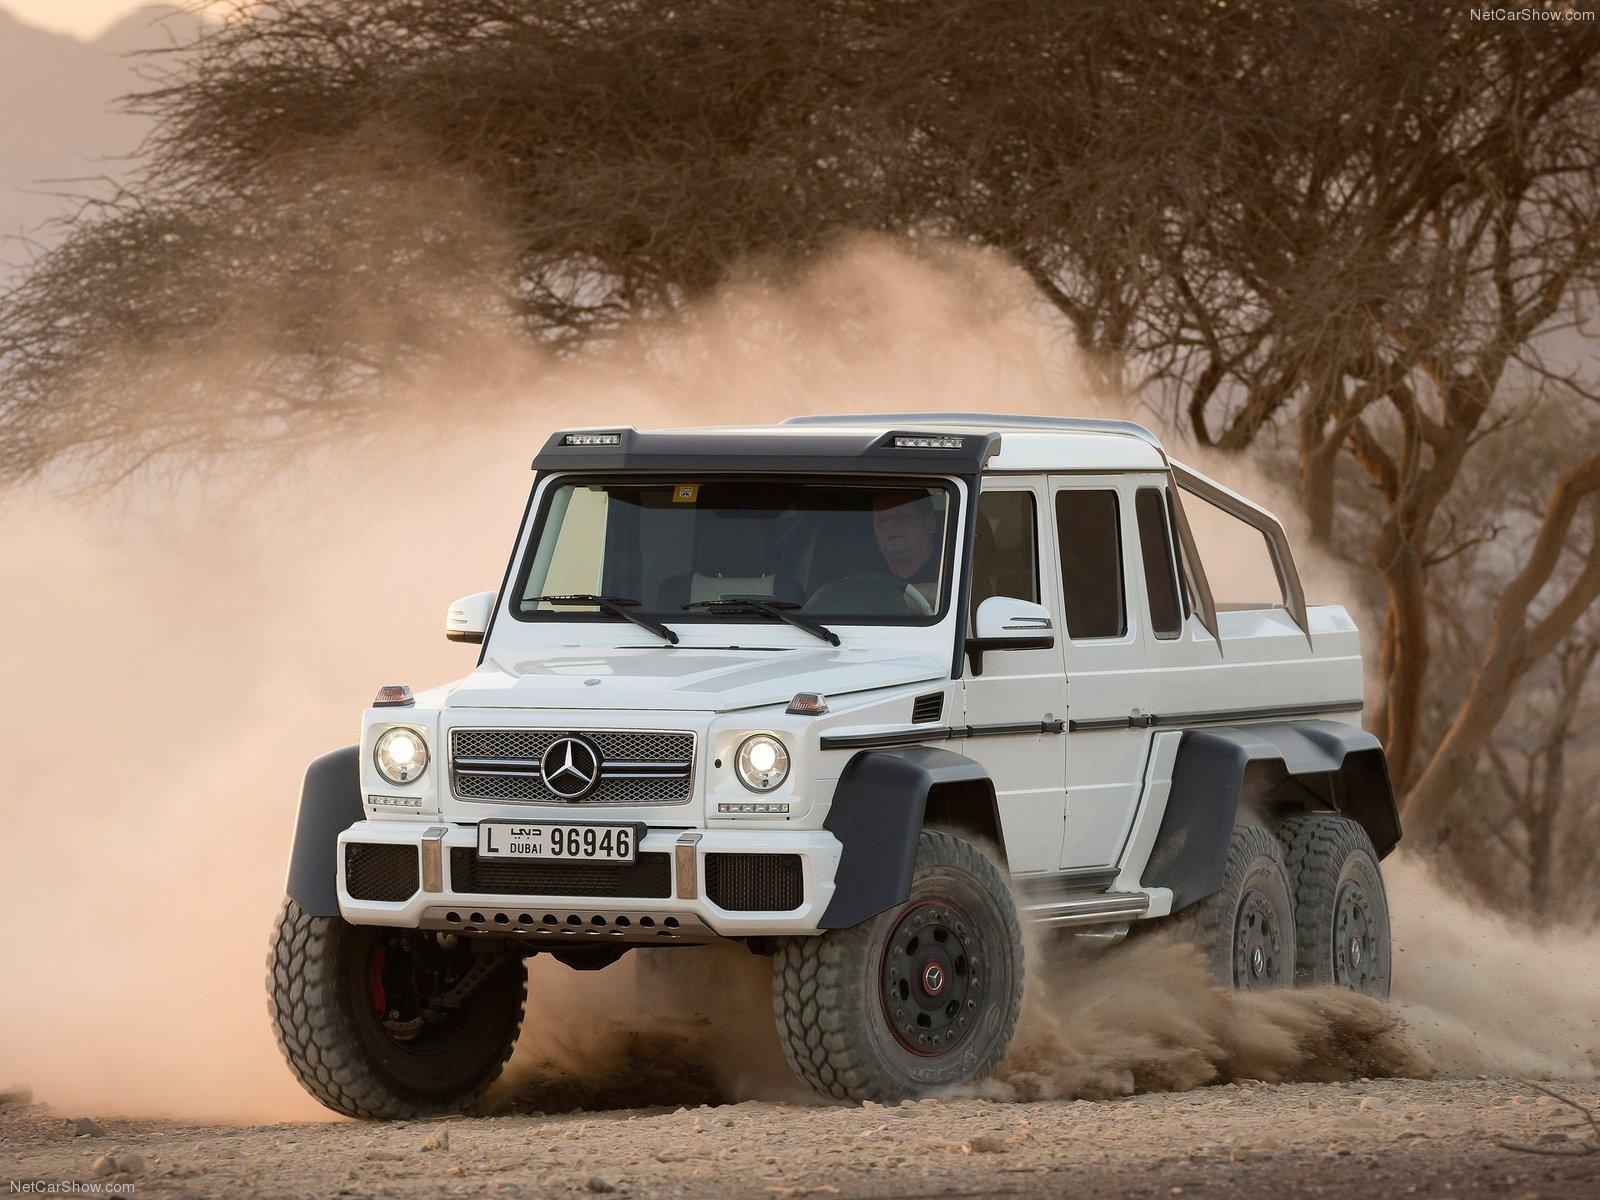 mercedes g63 amg 6x6 luxury suv 2013